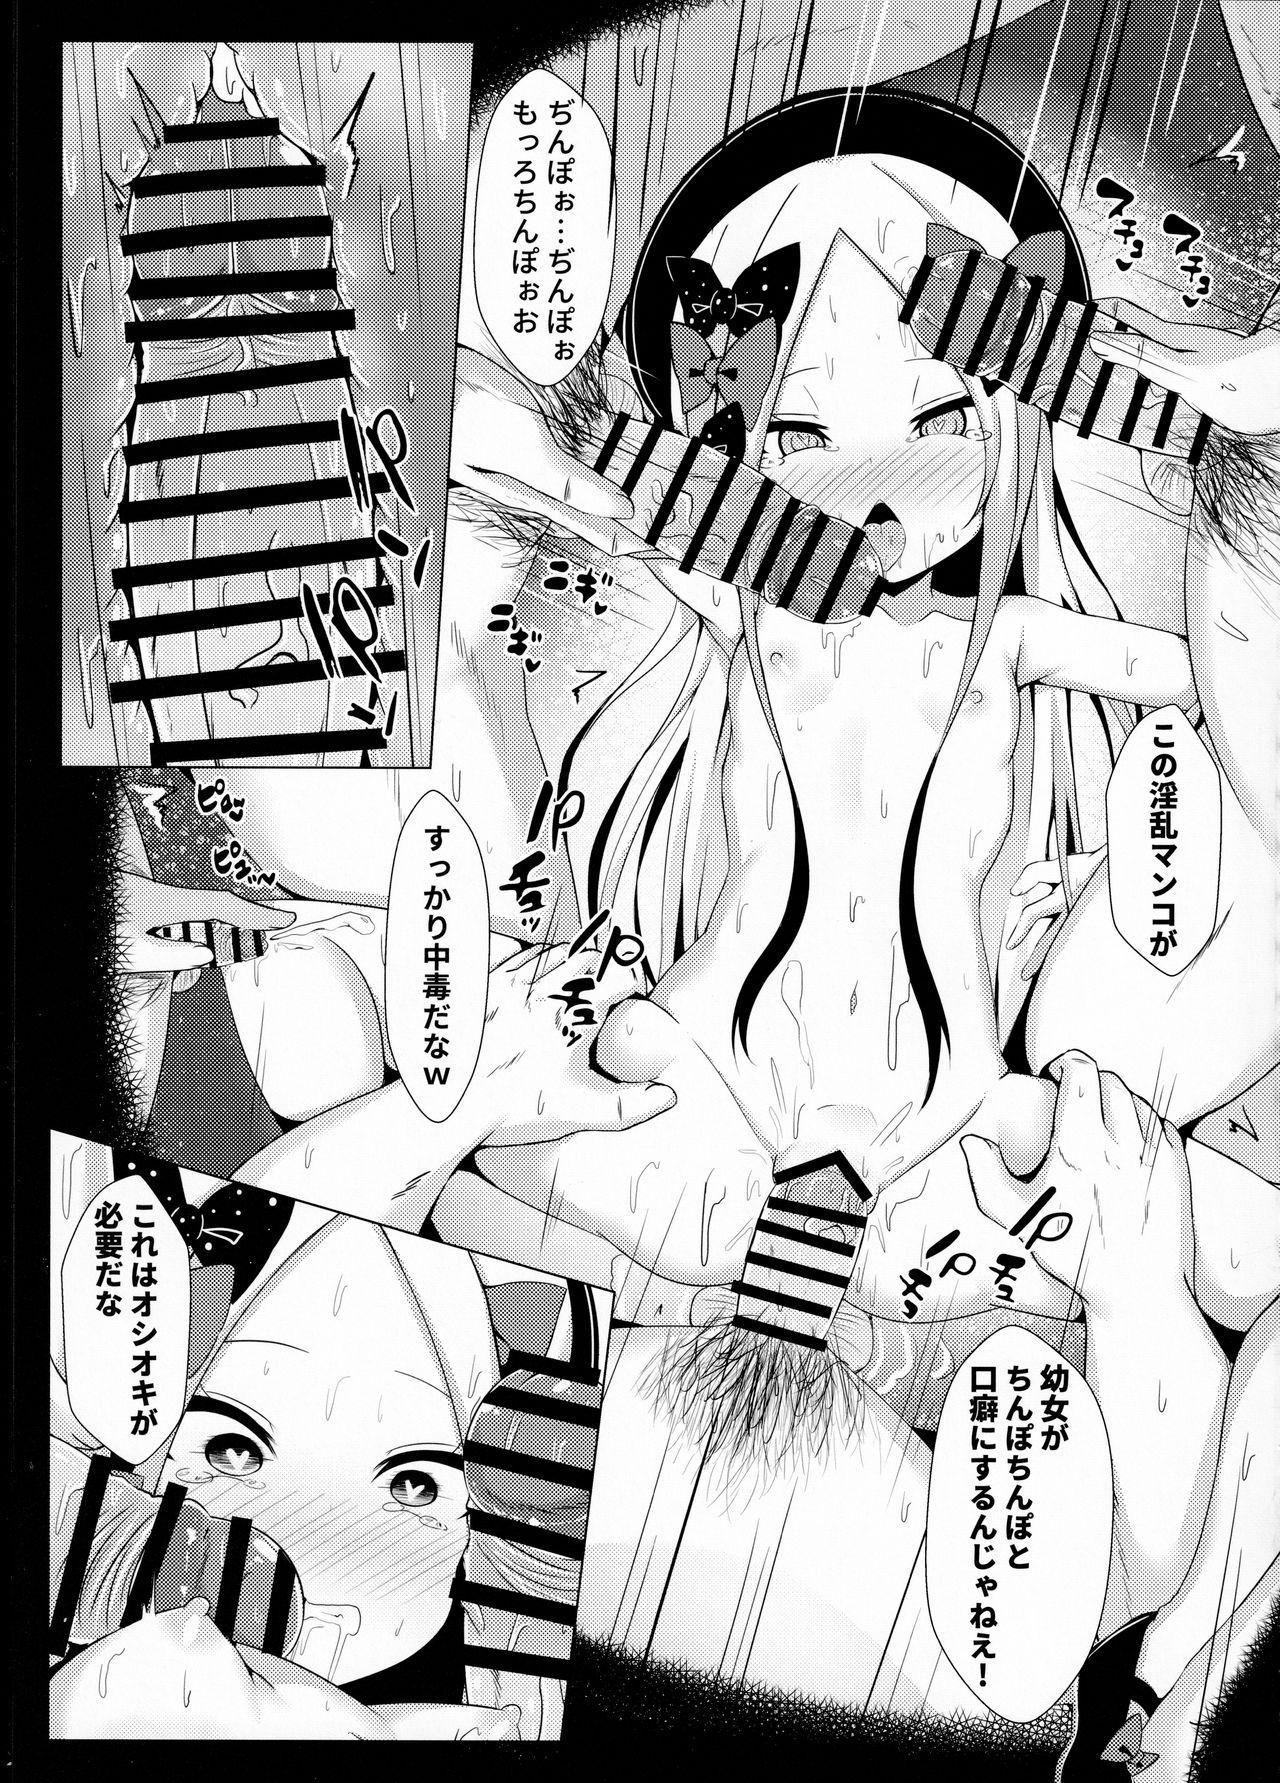 Hyoushi ni Ippai Condom o Kaiteiru kedo Nakami ni wa Condom ga Nai Abigail no Usui Hon 19